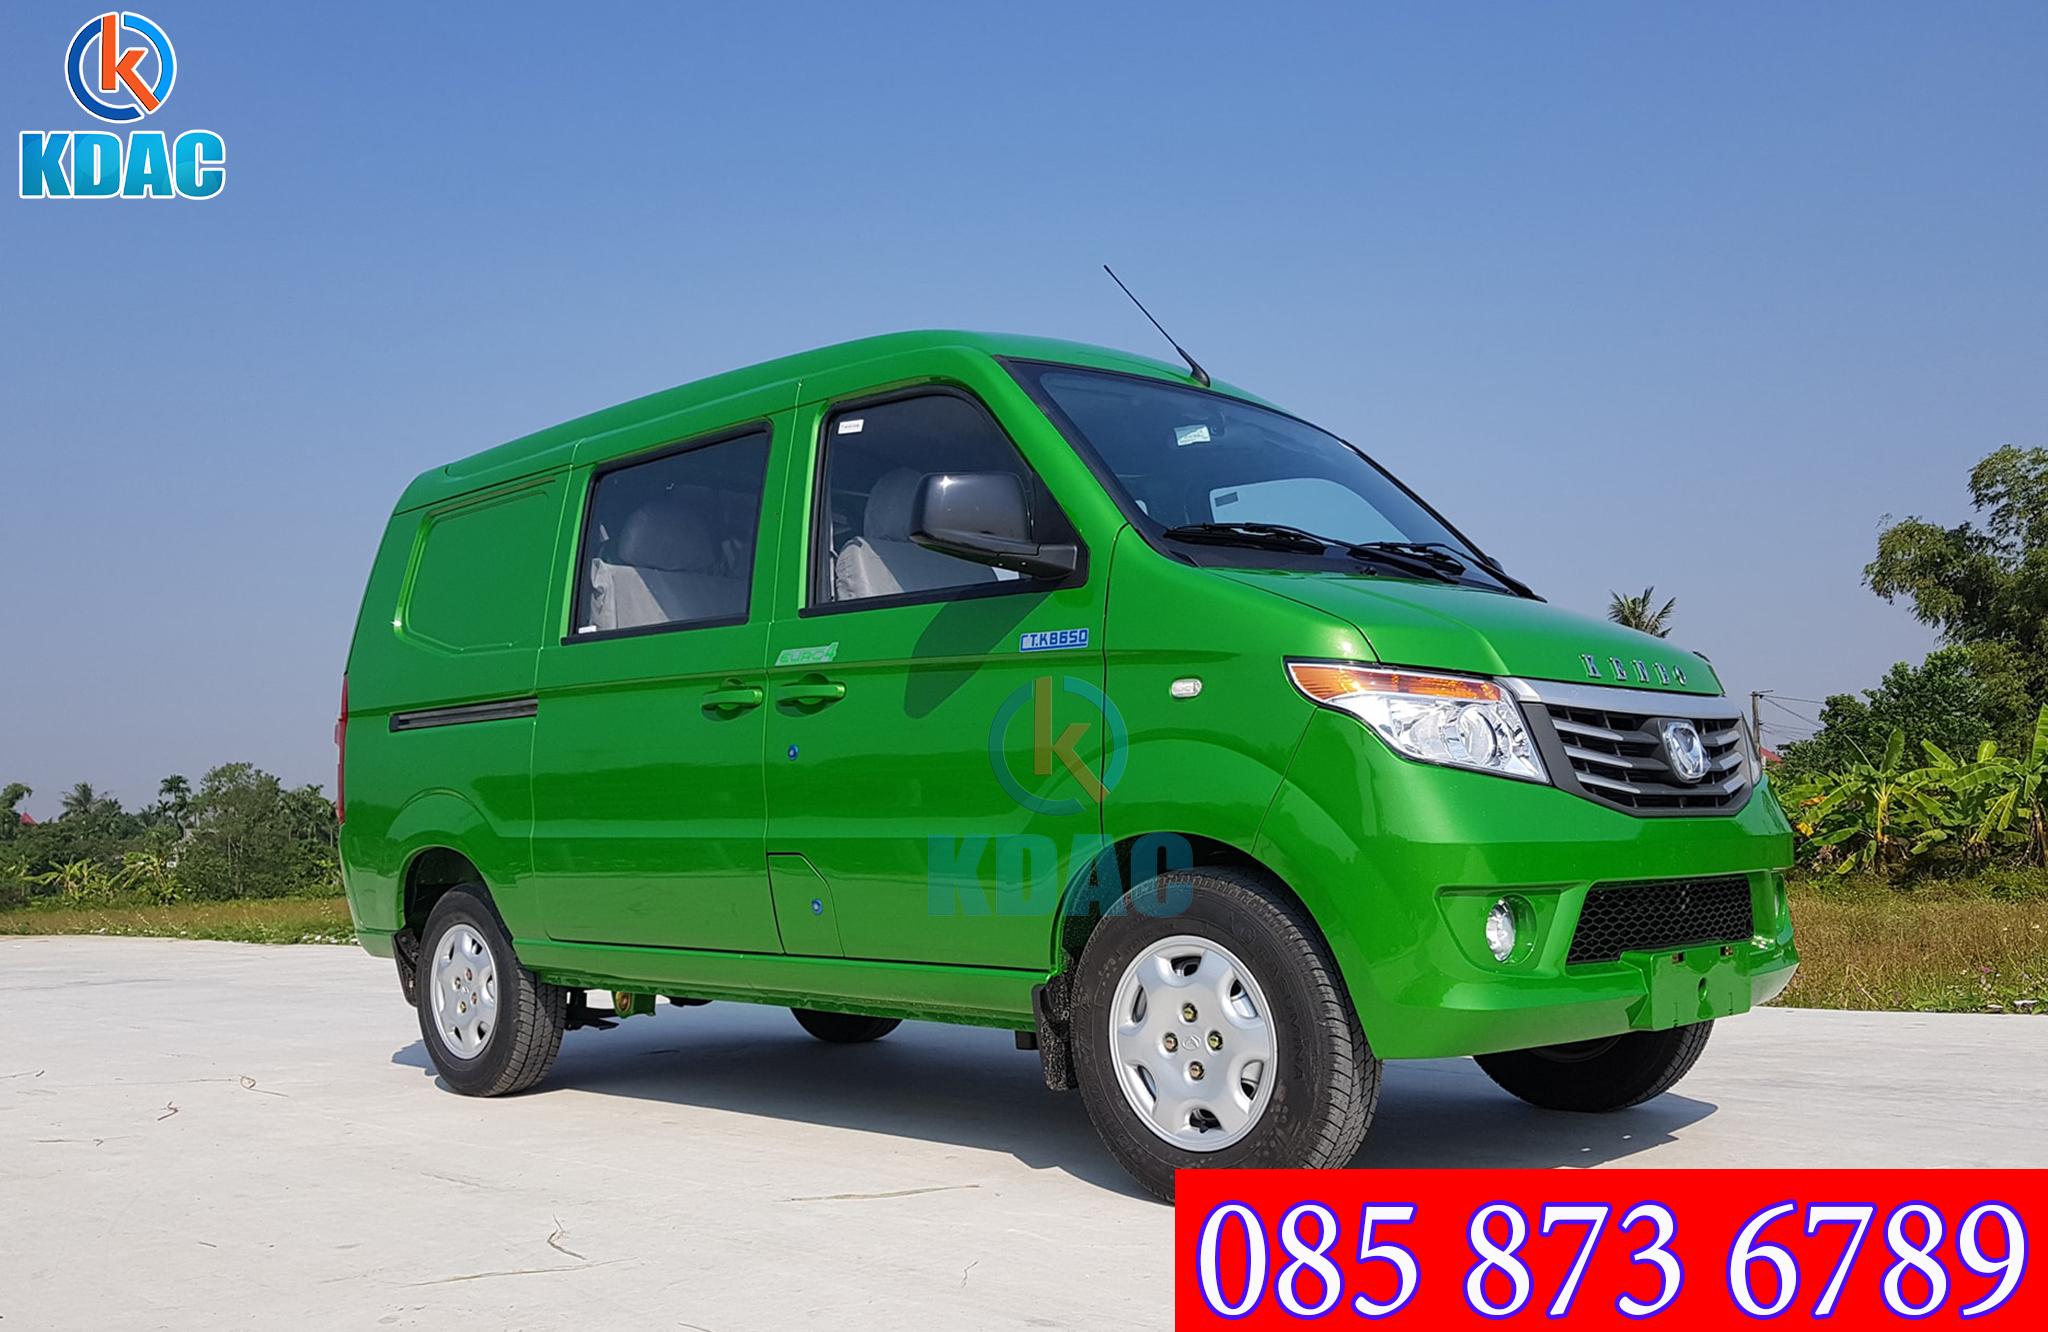 Chợ ôtô: Ô Tô Á Châu - Cần bán xe tải kenbo giá tốt Hà Nội Cty-16